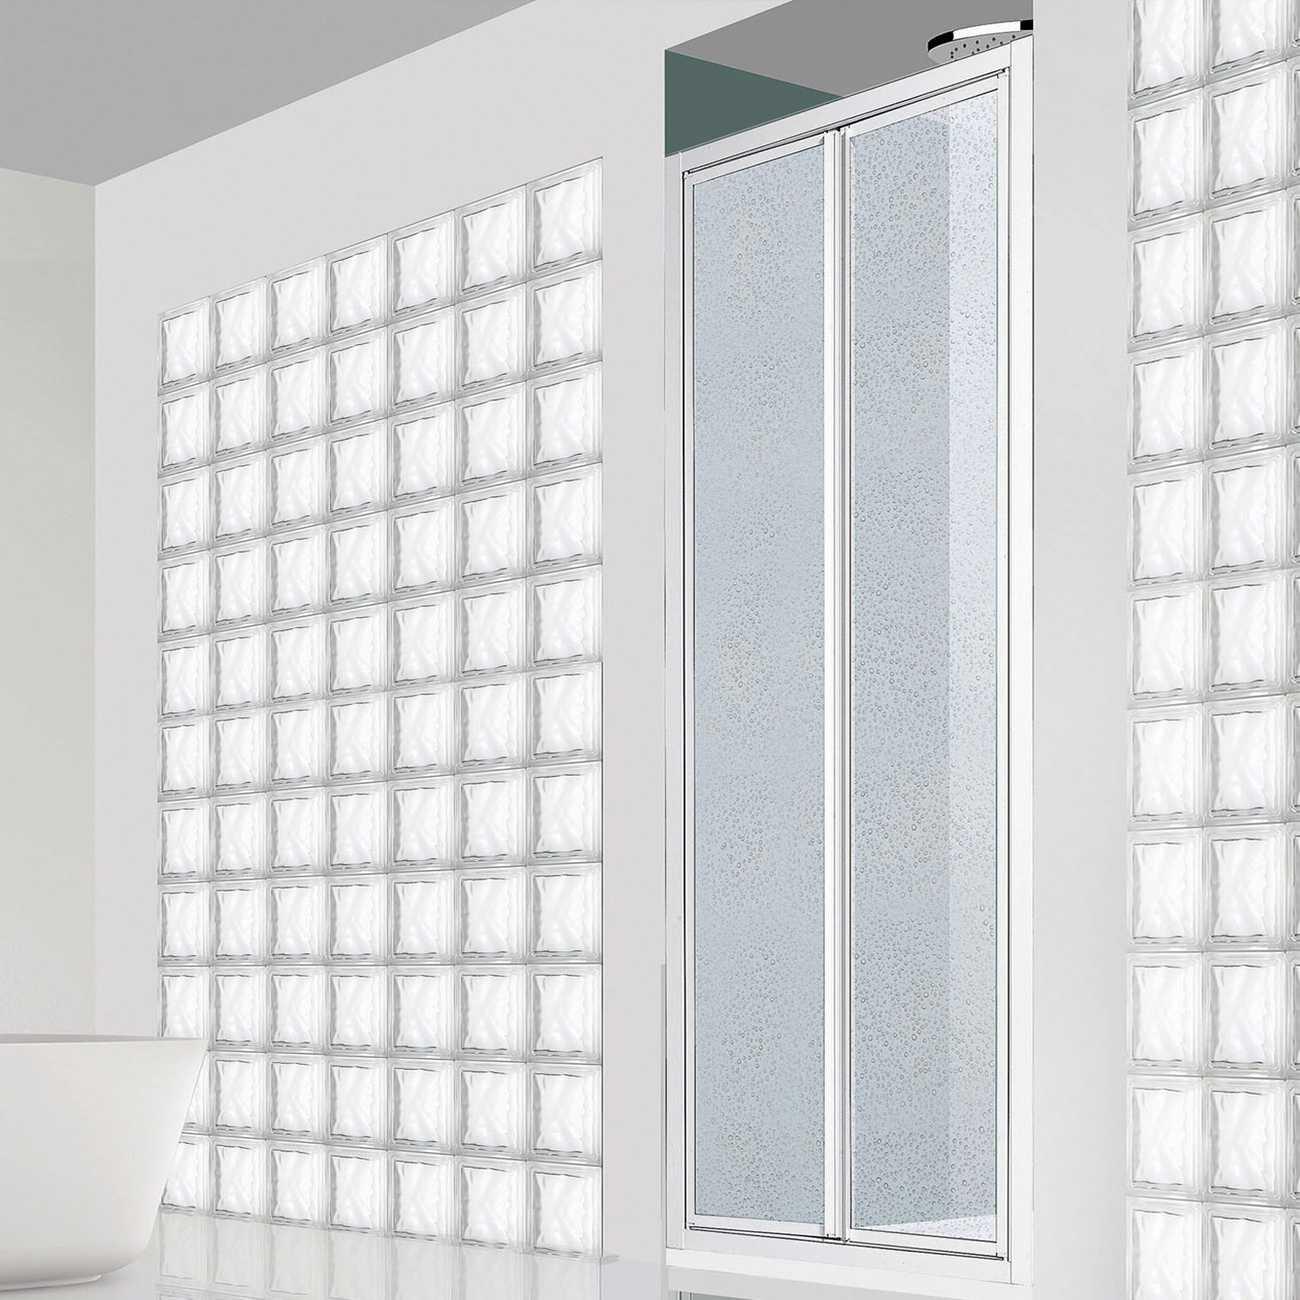 Porta doccia con apertura saloon per nicchia da 85 cm in alluminio e acrilico